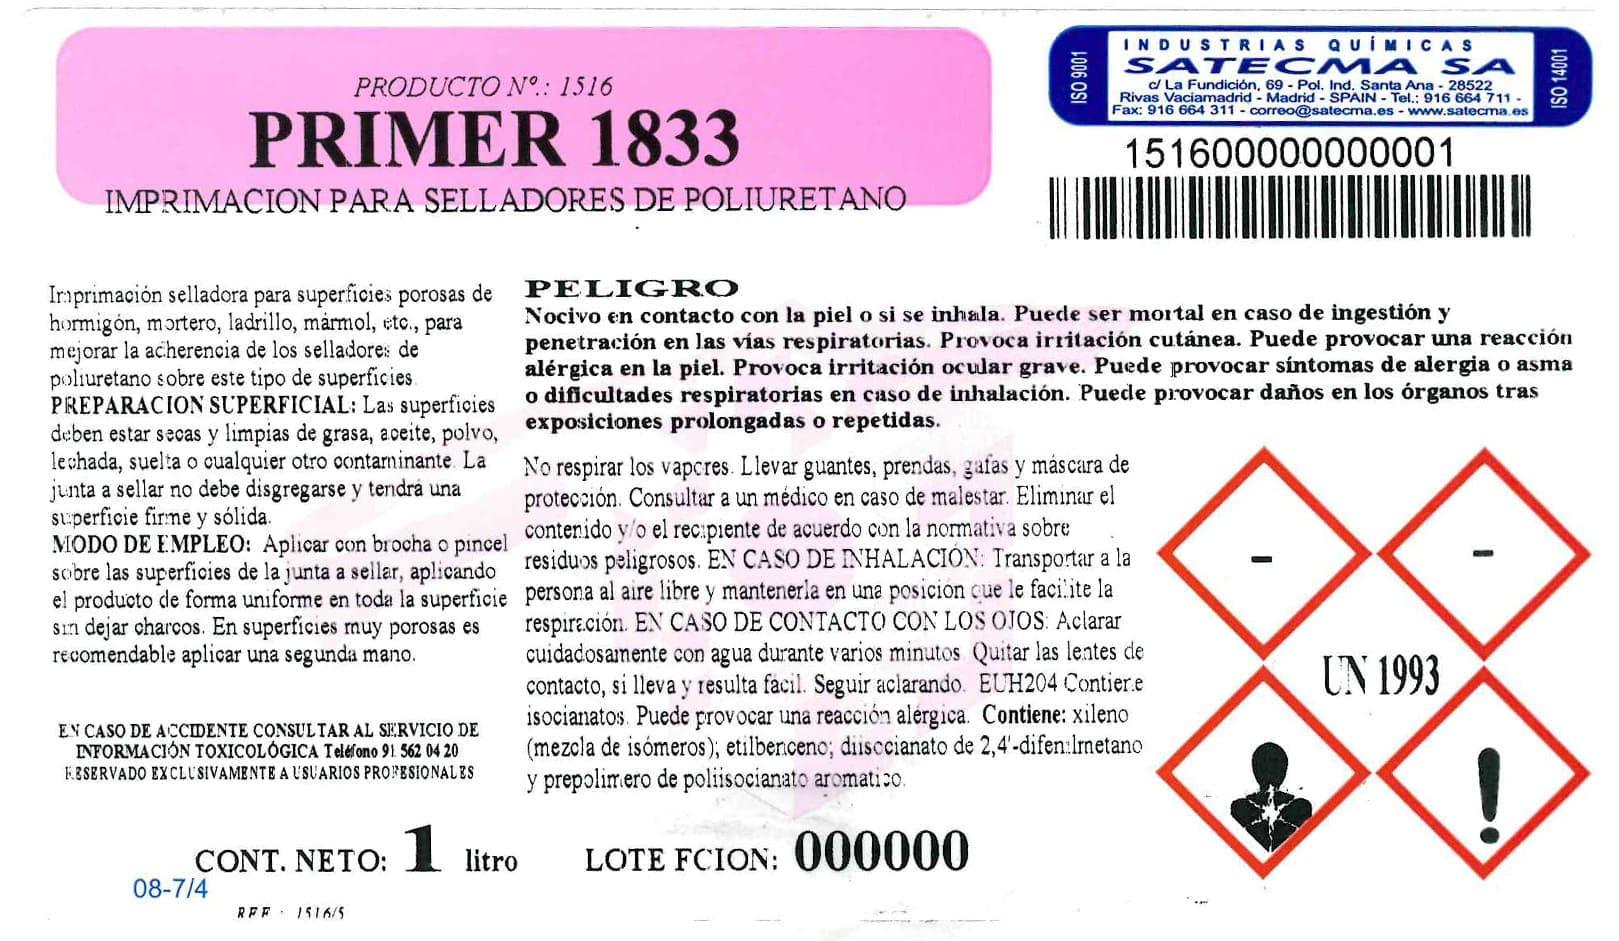 etiqueta imprimación selladores